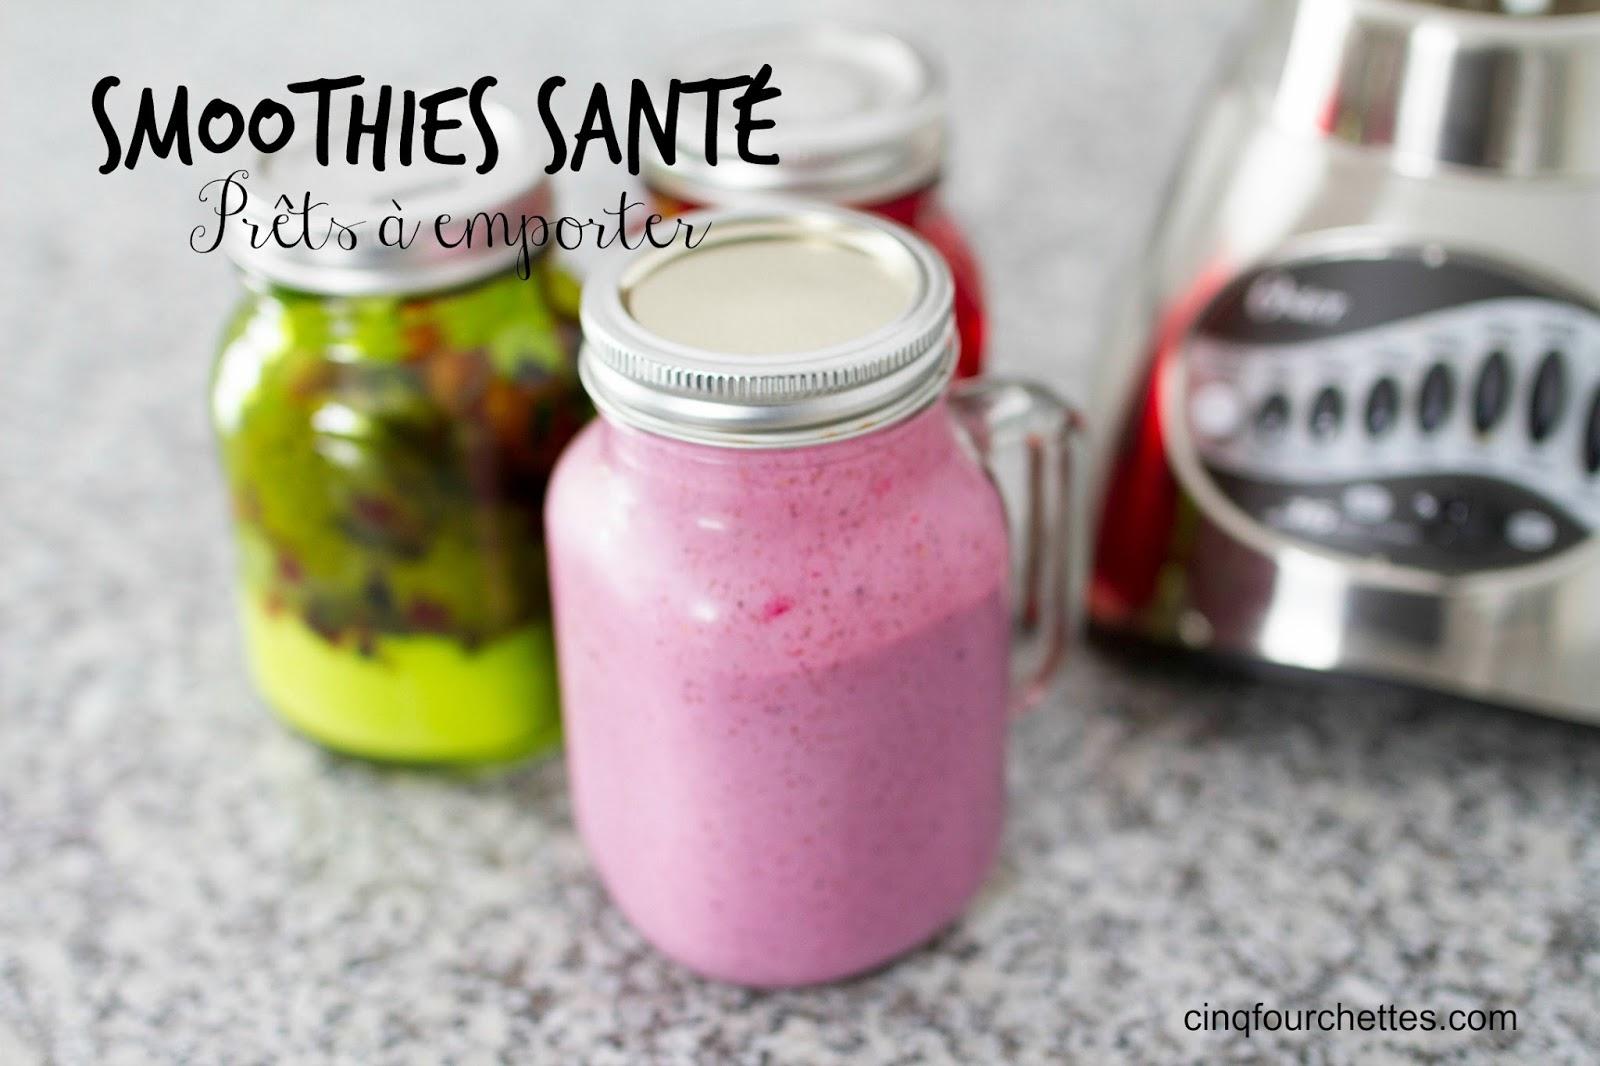 Comment pr parer des smoothies pour la semaine cinq fourchettes - Comment faire des smoothies ...